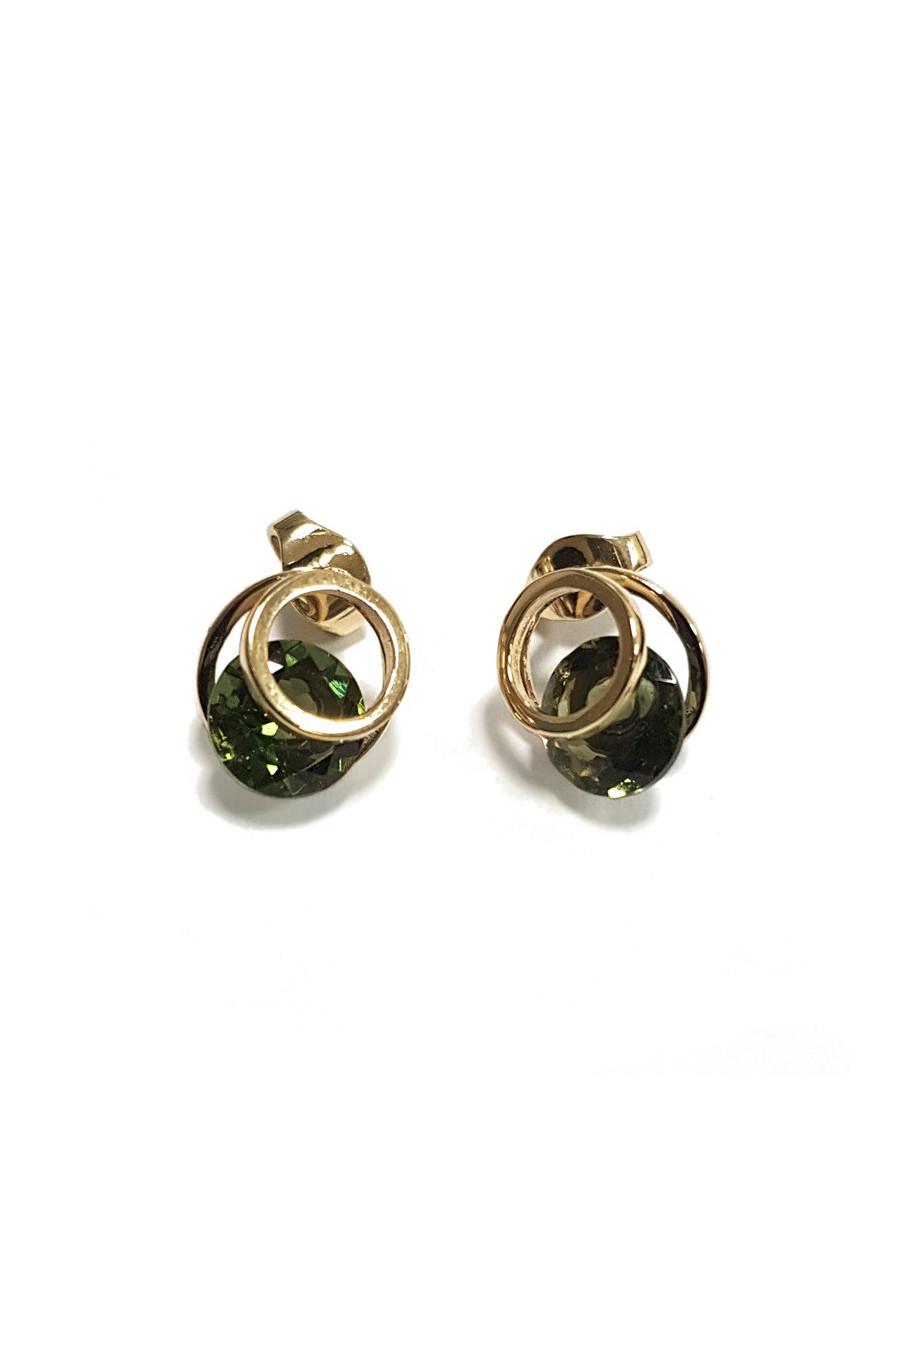 Gold earrings with moldavite